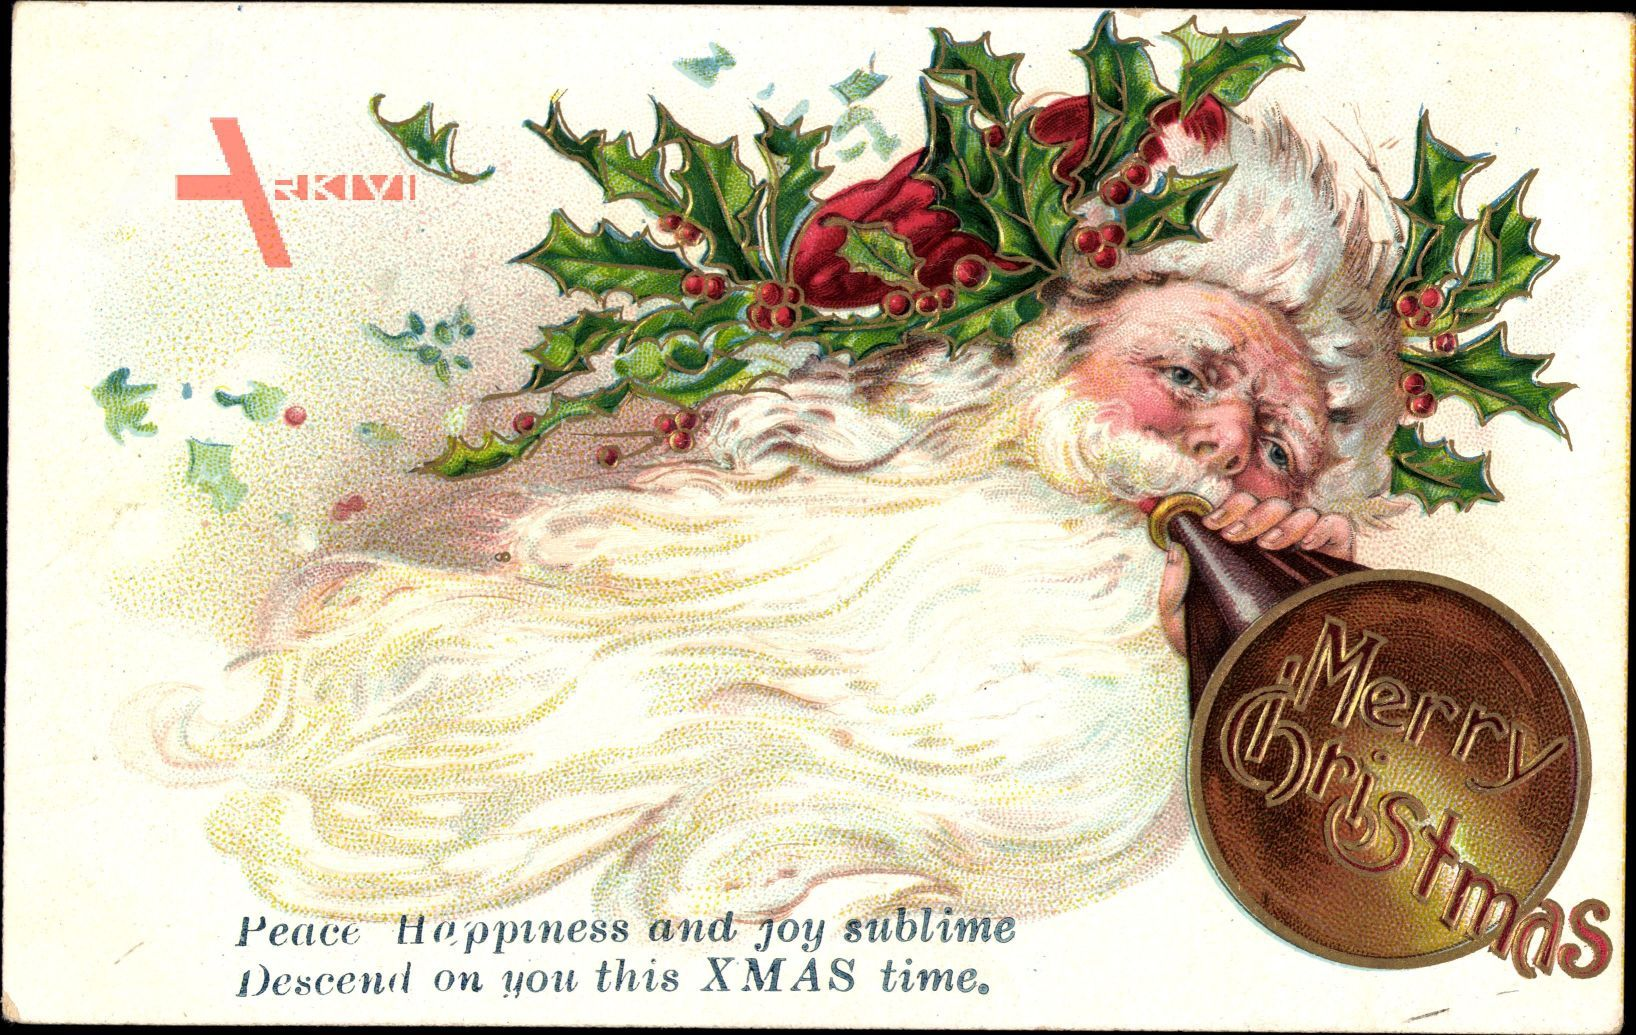 Frohe Weihnachten, Weihnachtsmann, Merry Christmas